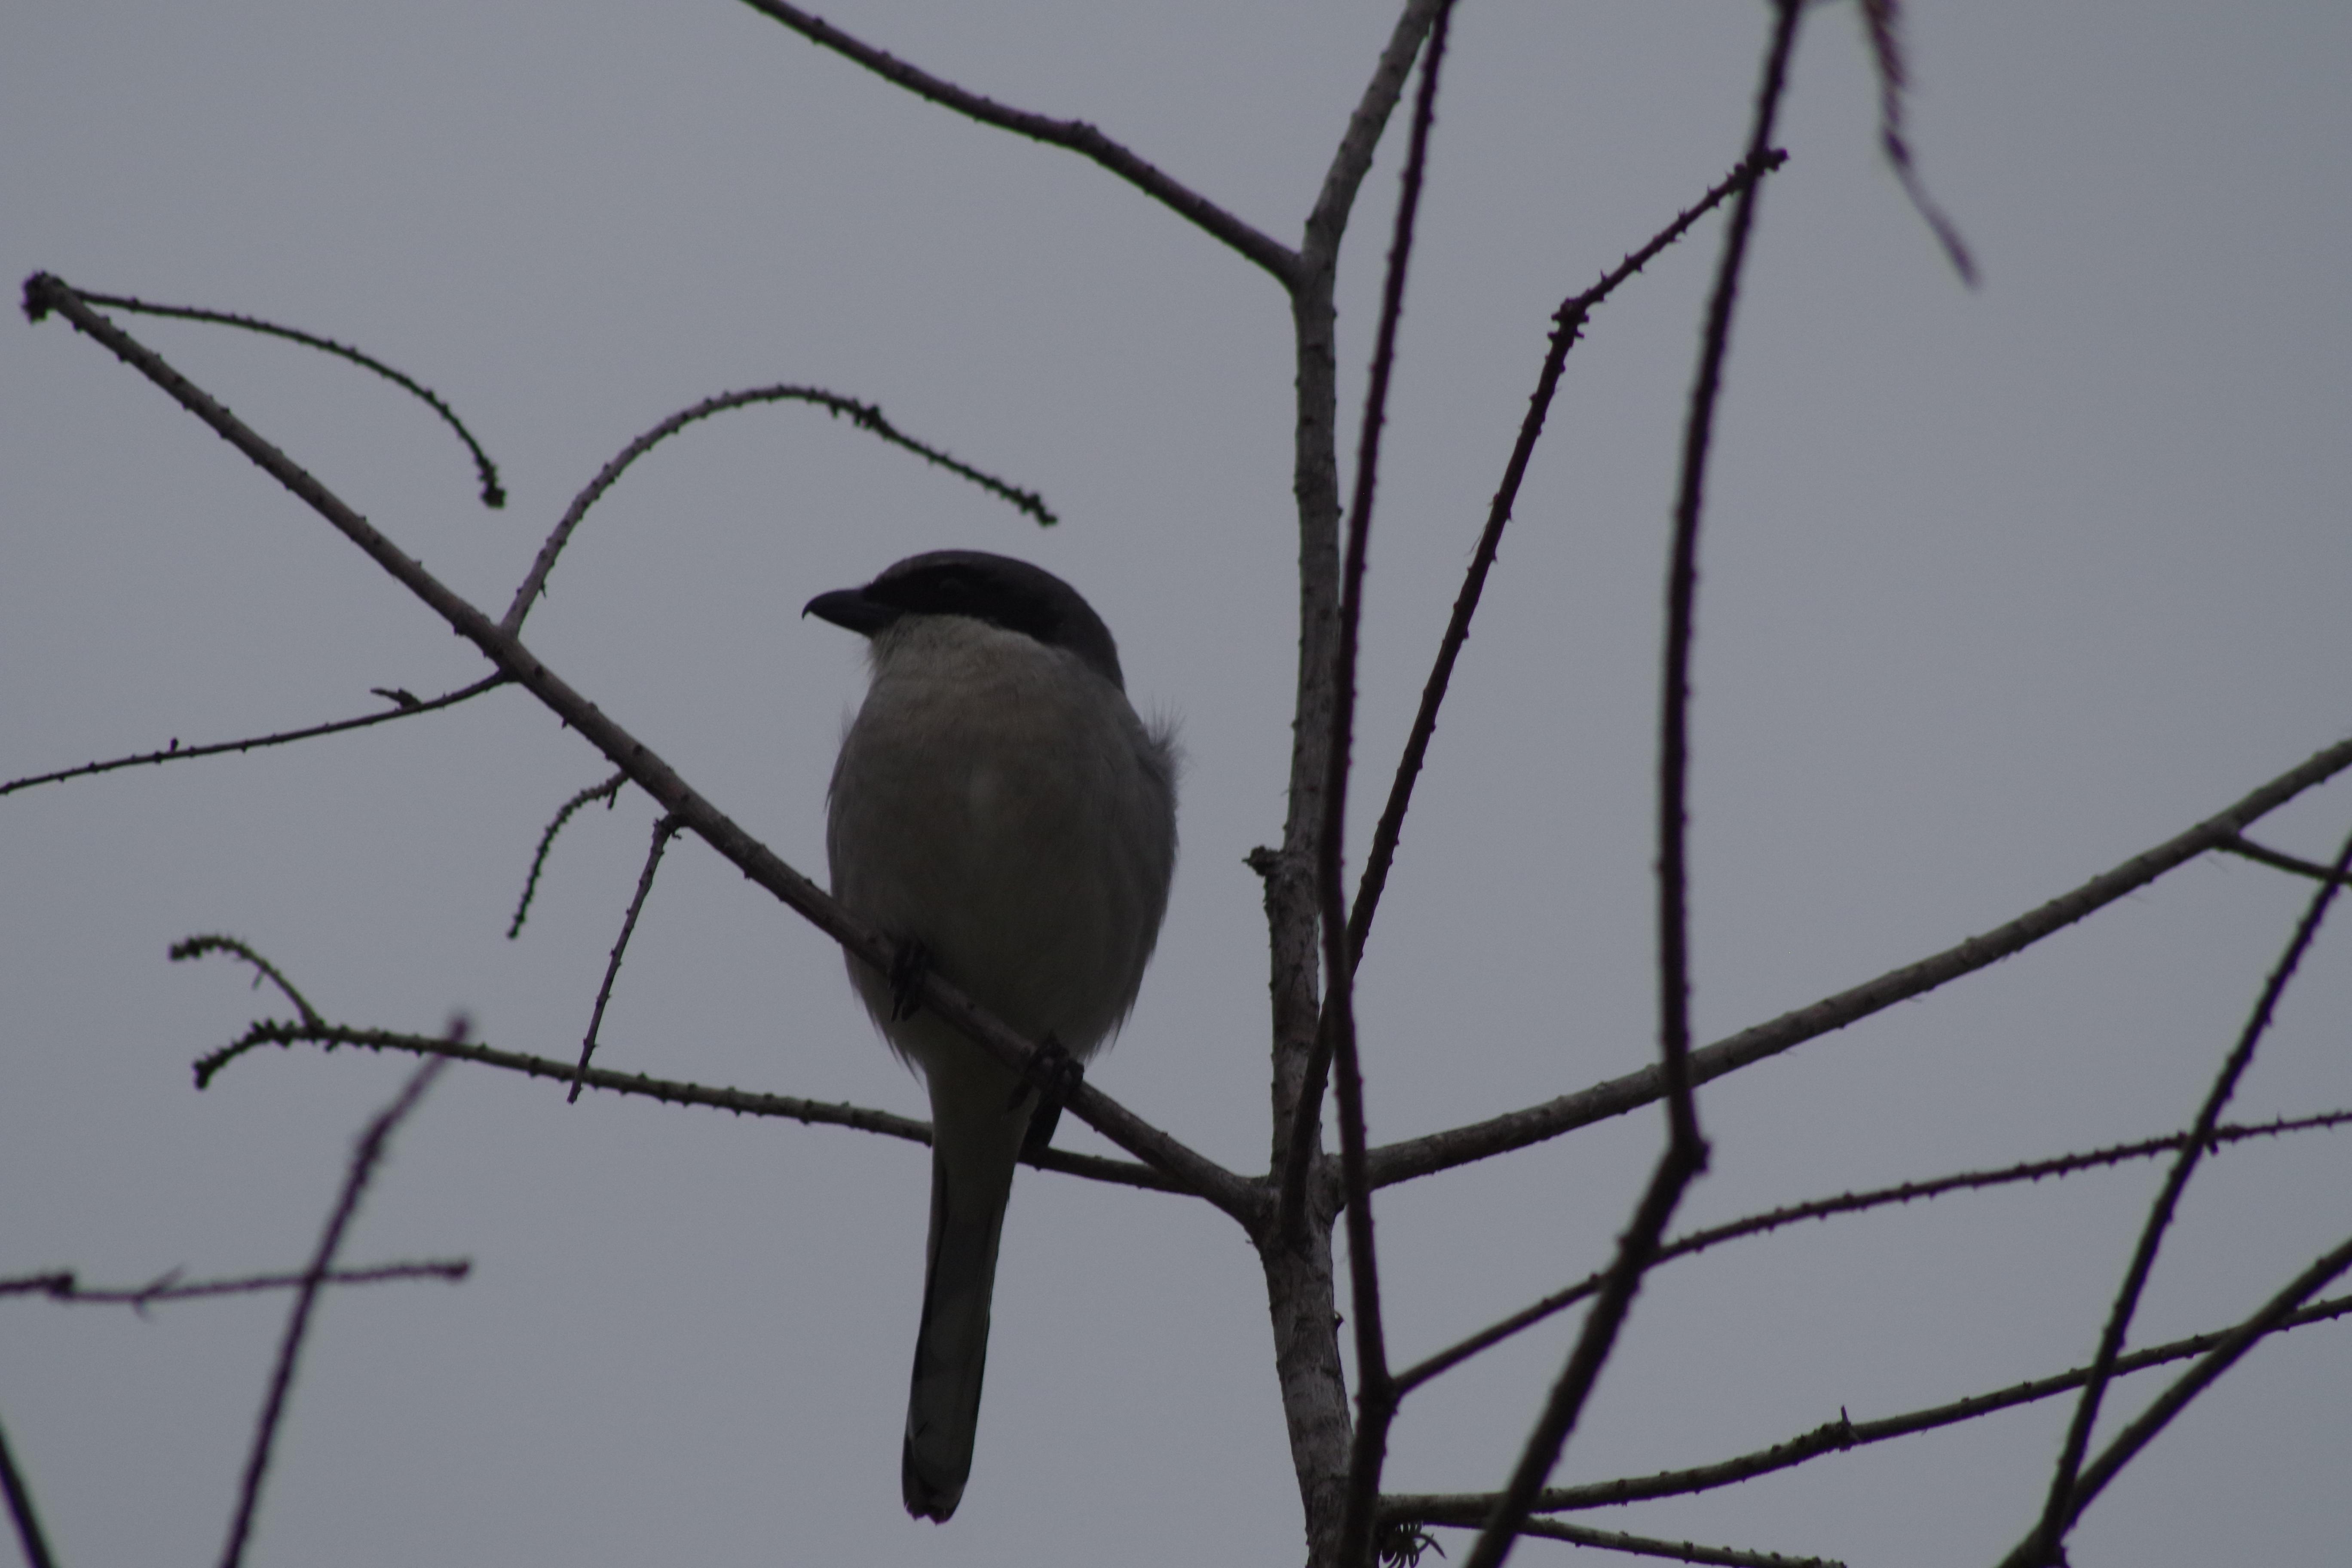 Μεγάλο μαύρο πουλί x βίντεο